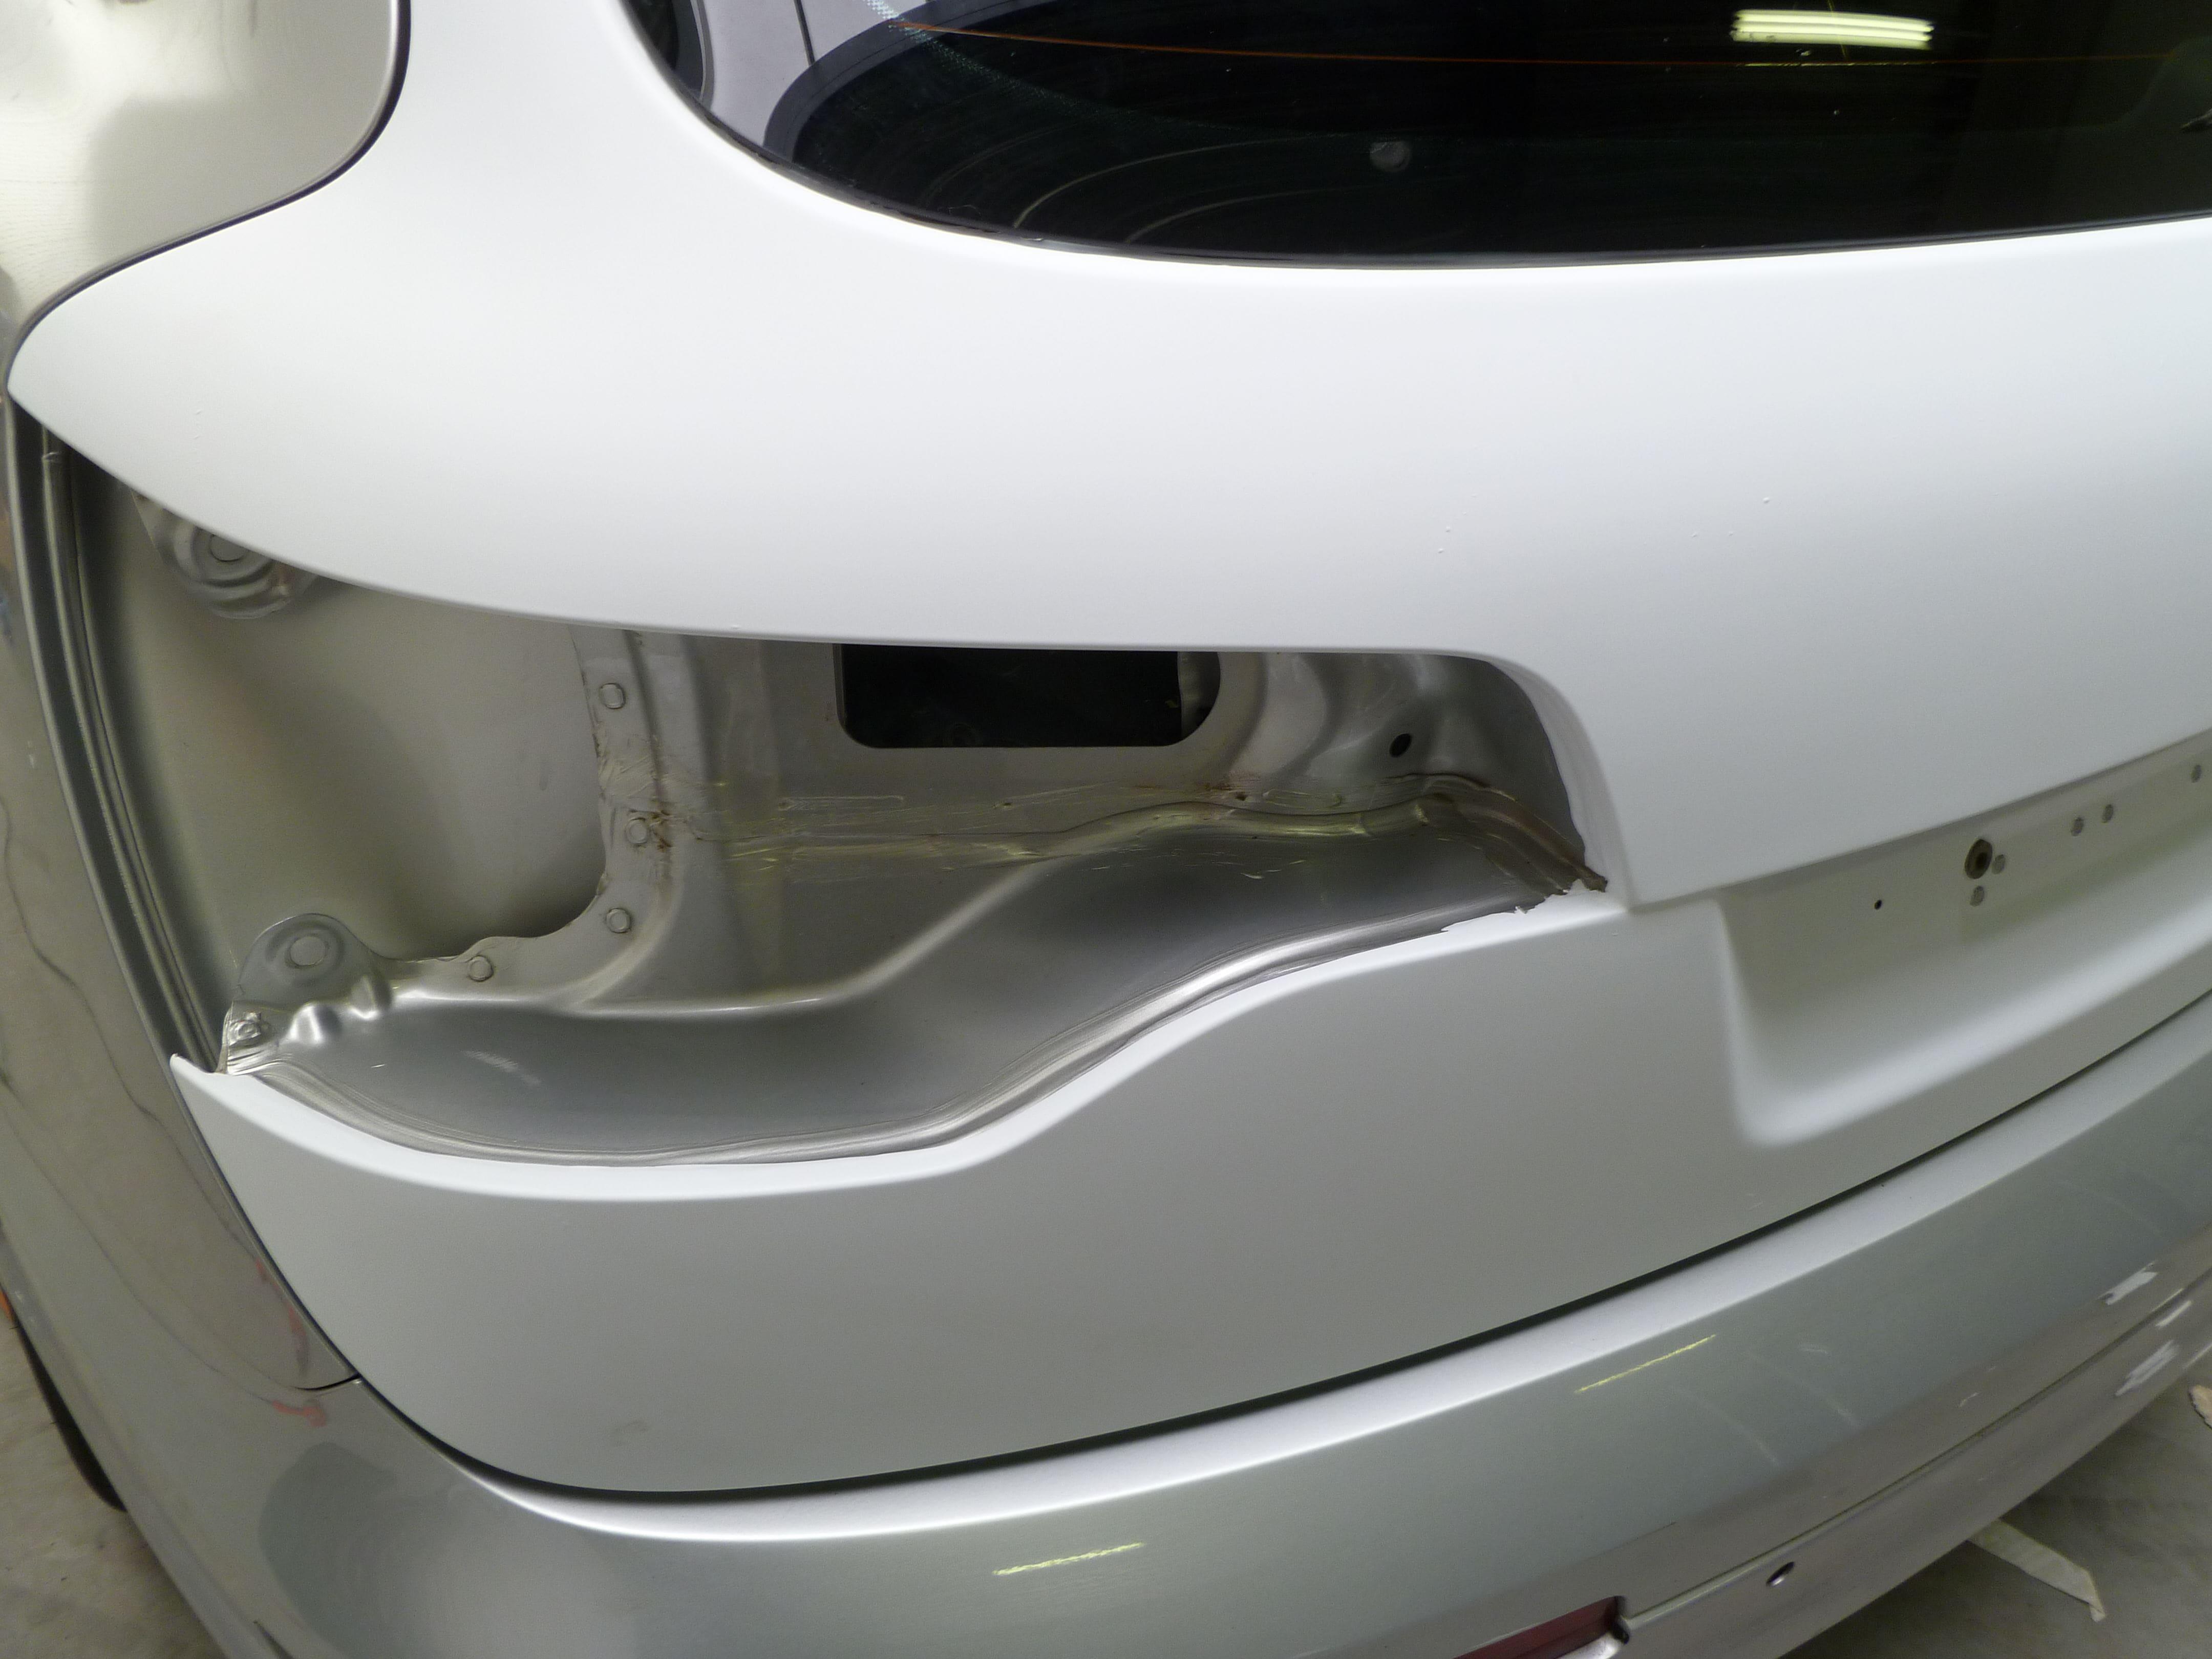 Audi Q7 met Mat Witte Wrap, Carwrapping door Wrapmyride.nu Foto-nr:4983, ©2021